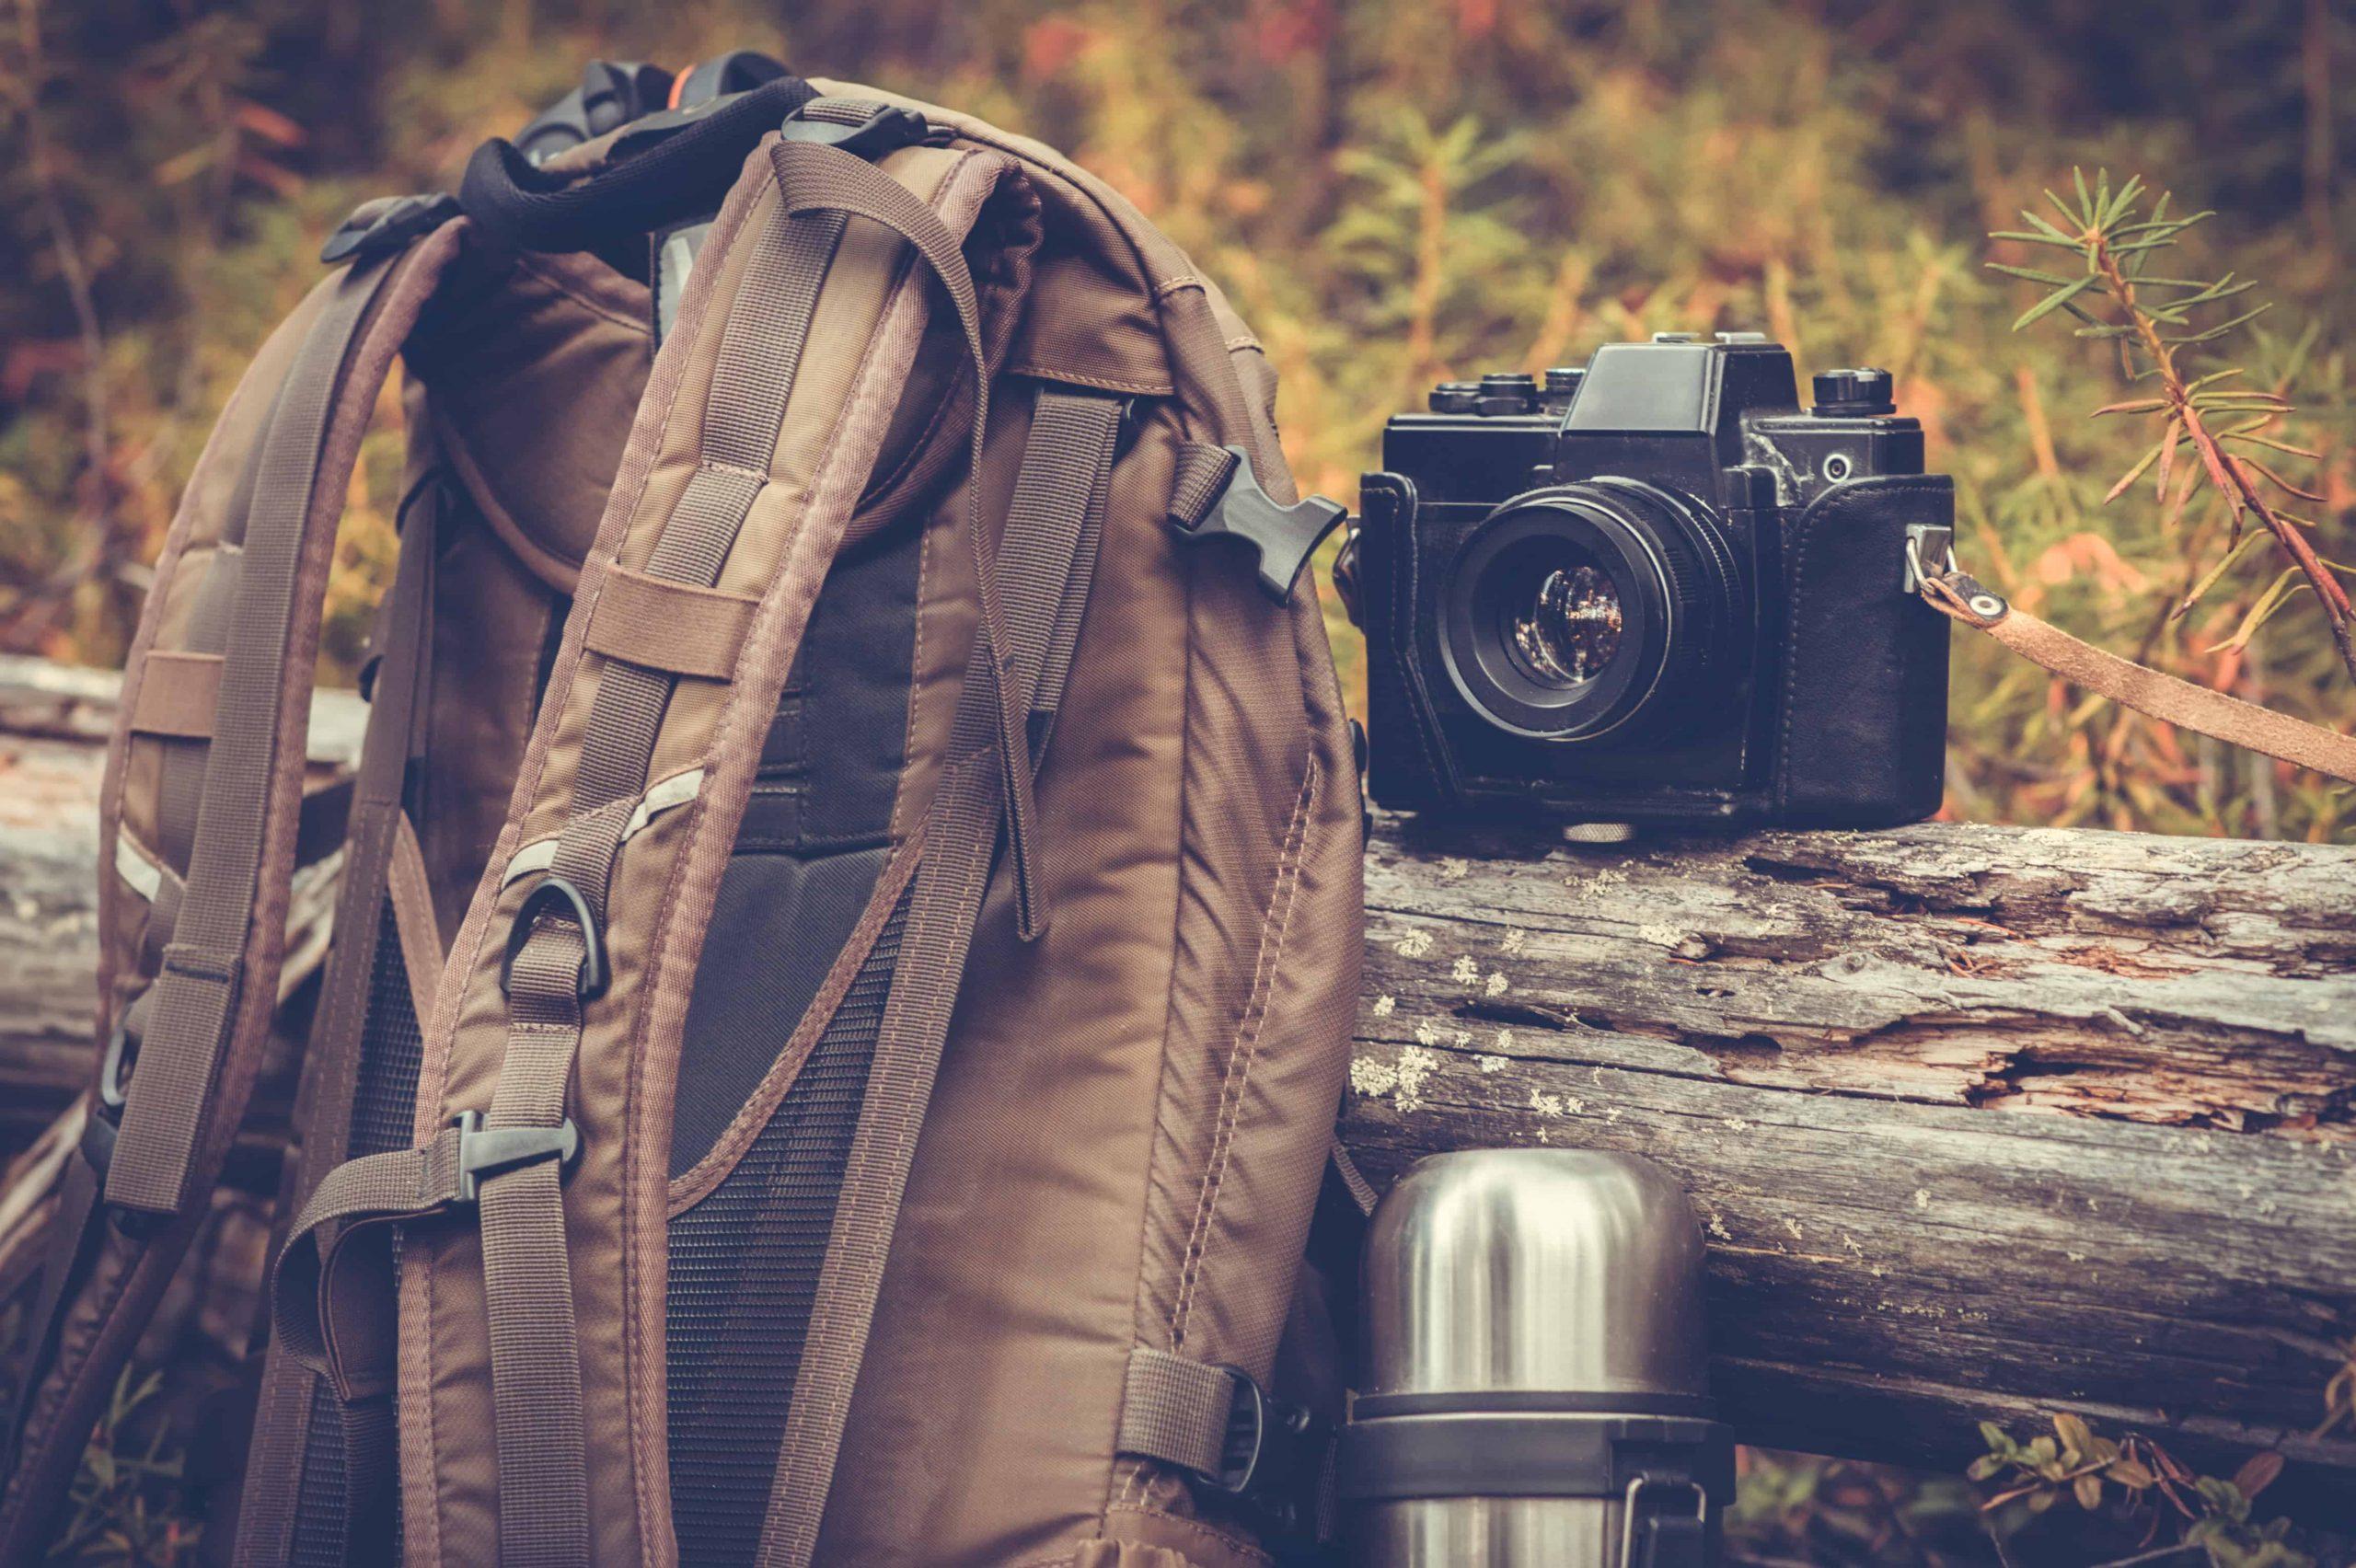 Fotorucksack: Test & Empfehlungen (05/20)